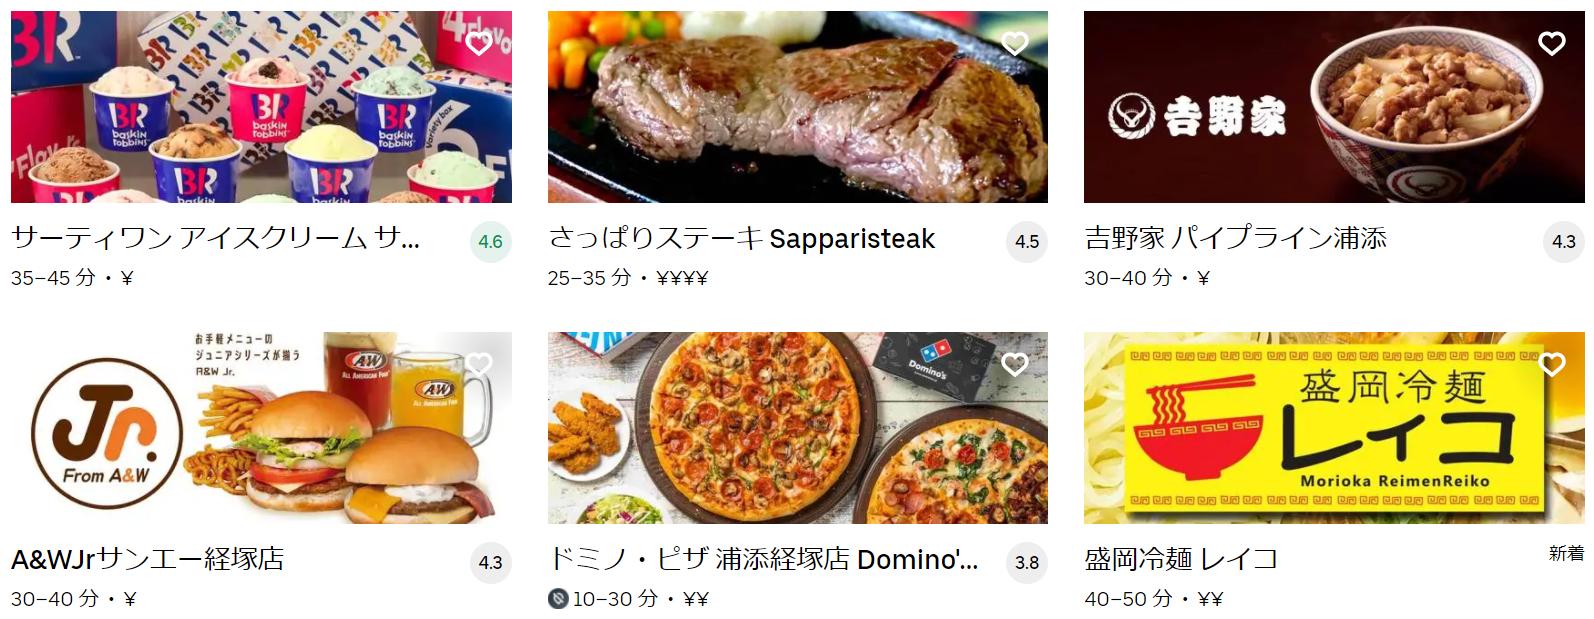 沖縄県浦添市エリアのおすすめUber Eats(ウーバーイーツ)メニュー